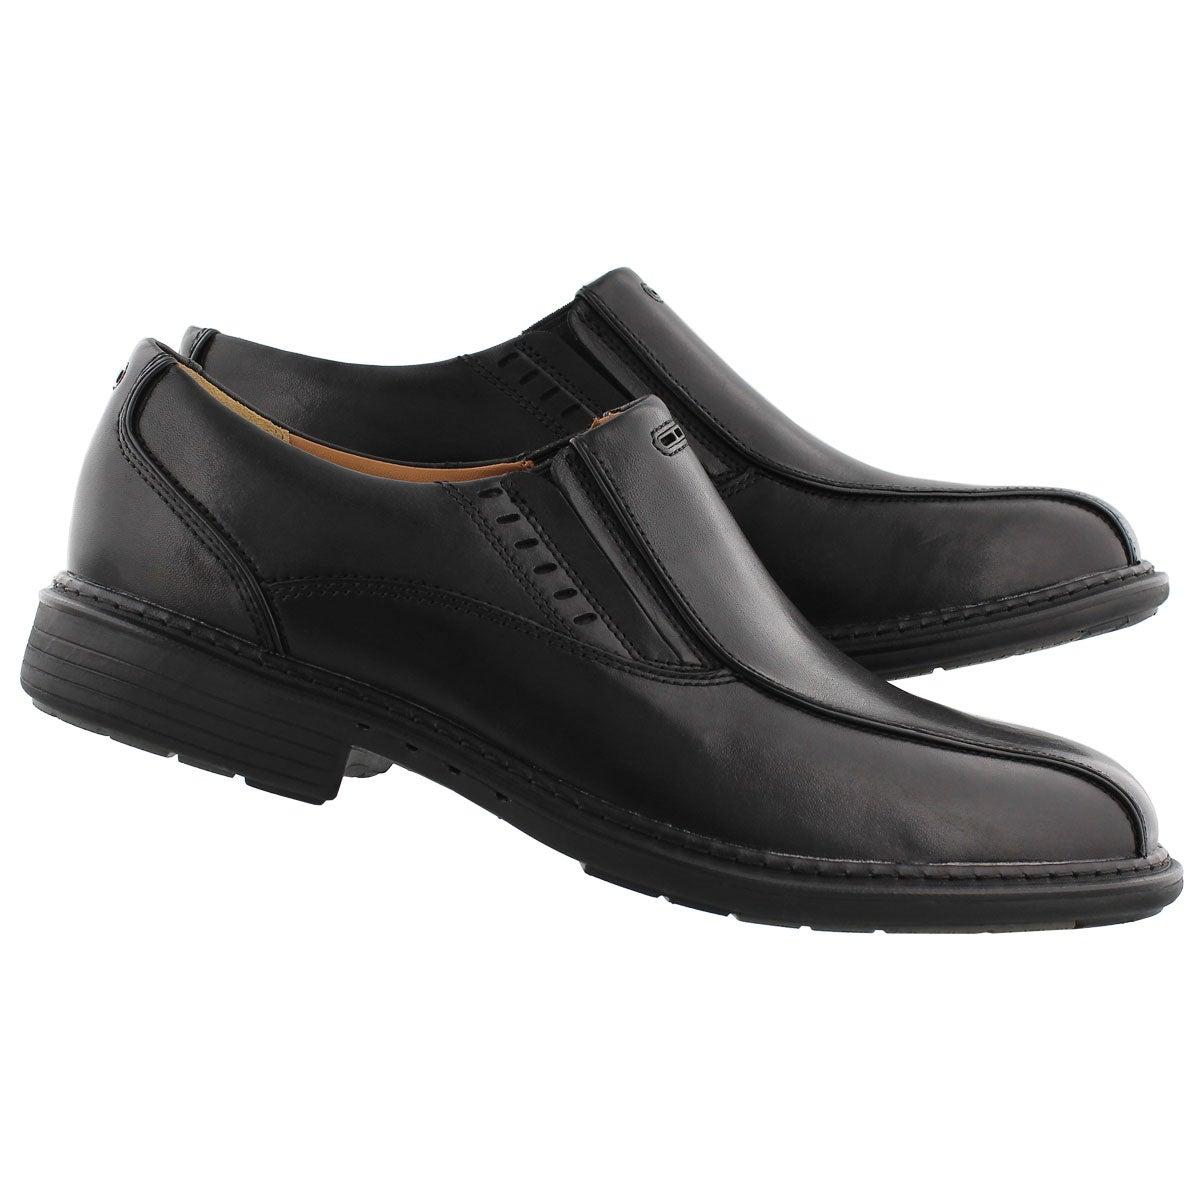 Fl�neurs Un.Slip, noir, hom - Larges